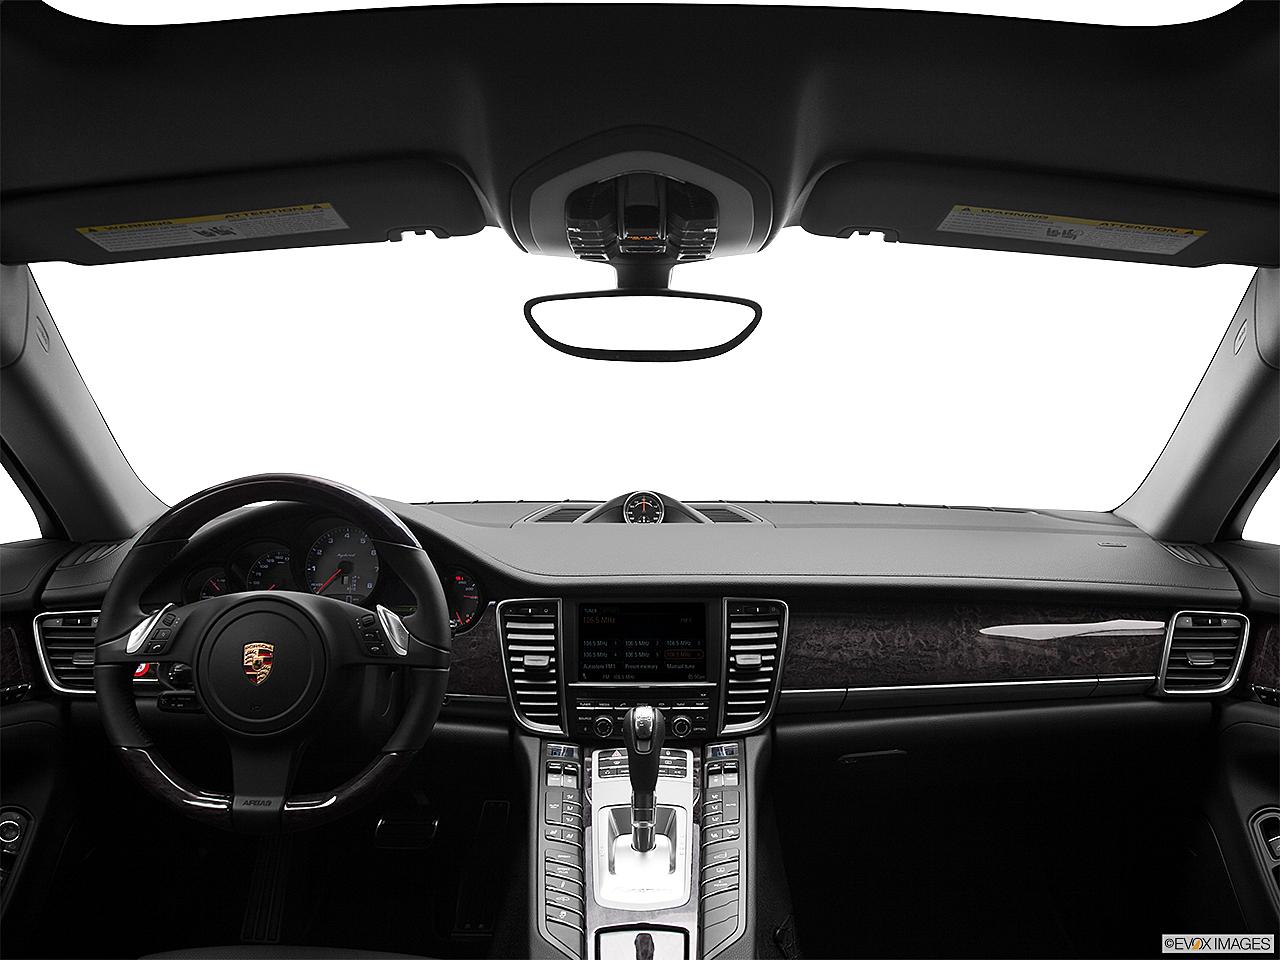 2012 Porsche Panamera S Hybrid, Centered Wide Dash Shot